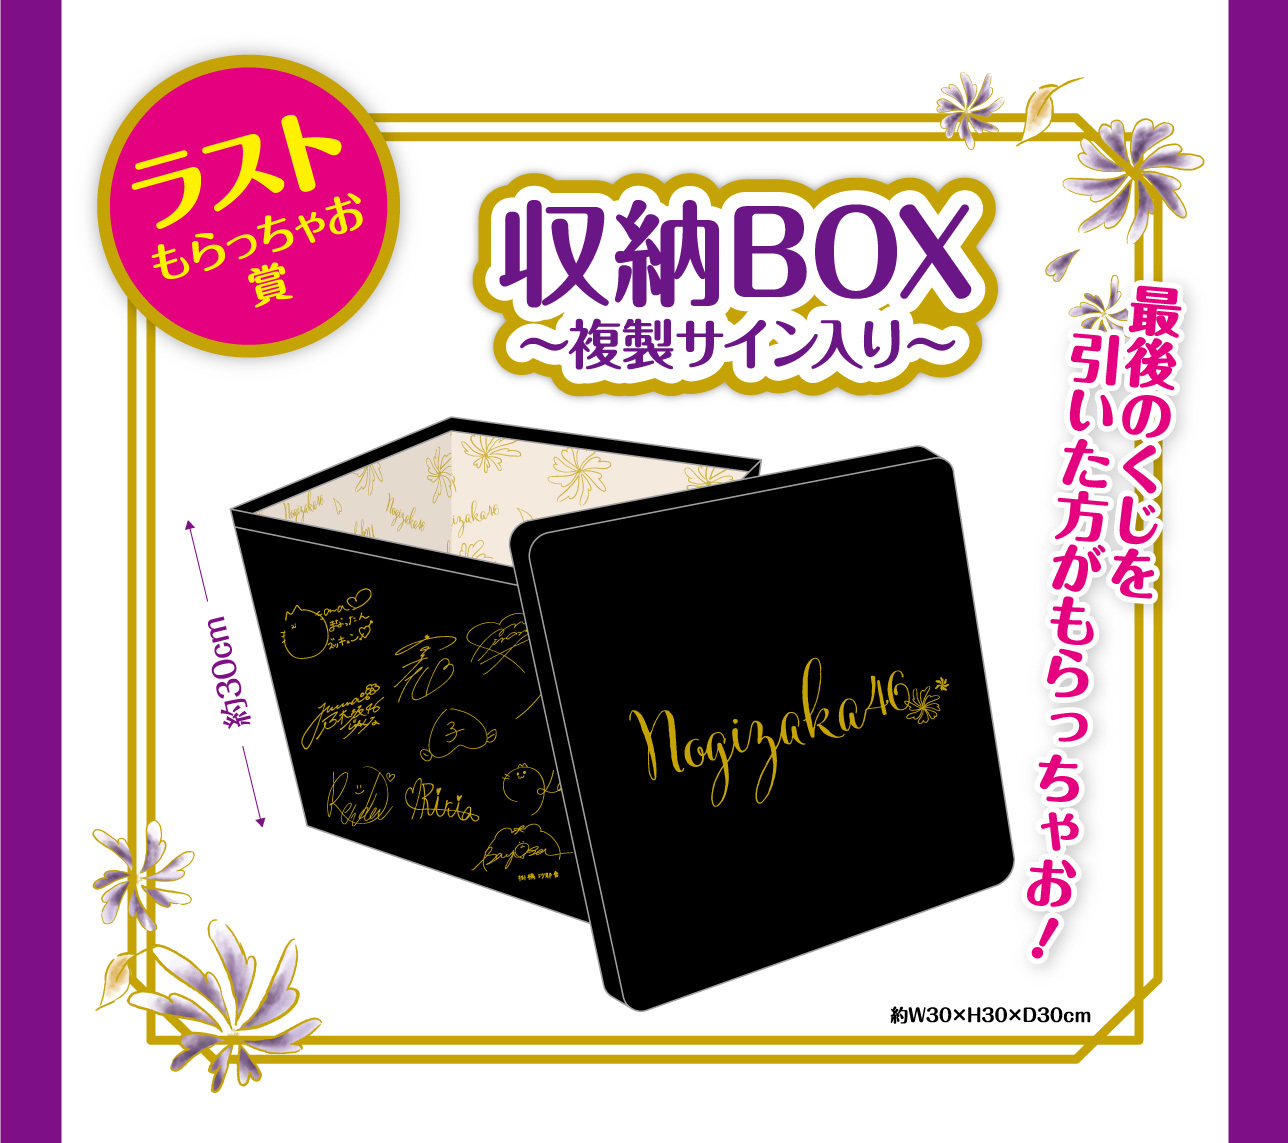 乃木坂46 くじっちゃお ラストもらっちゃお賞 収納BOX 複製サイン入り